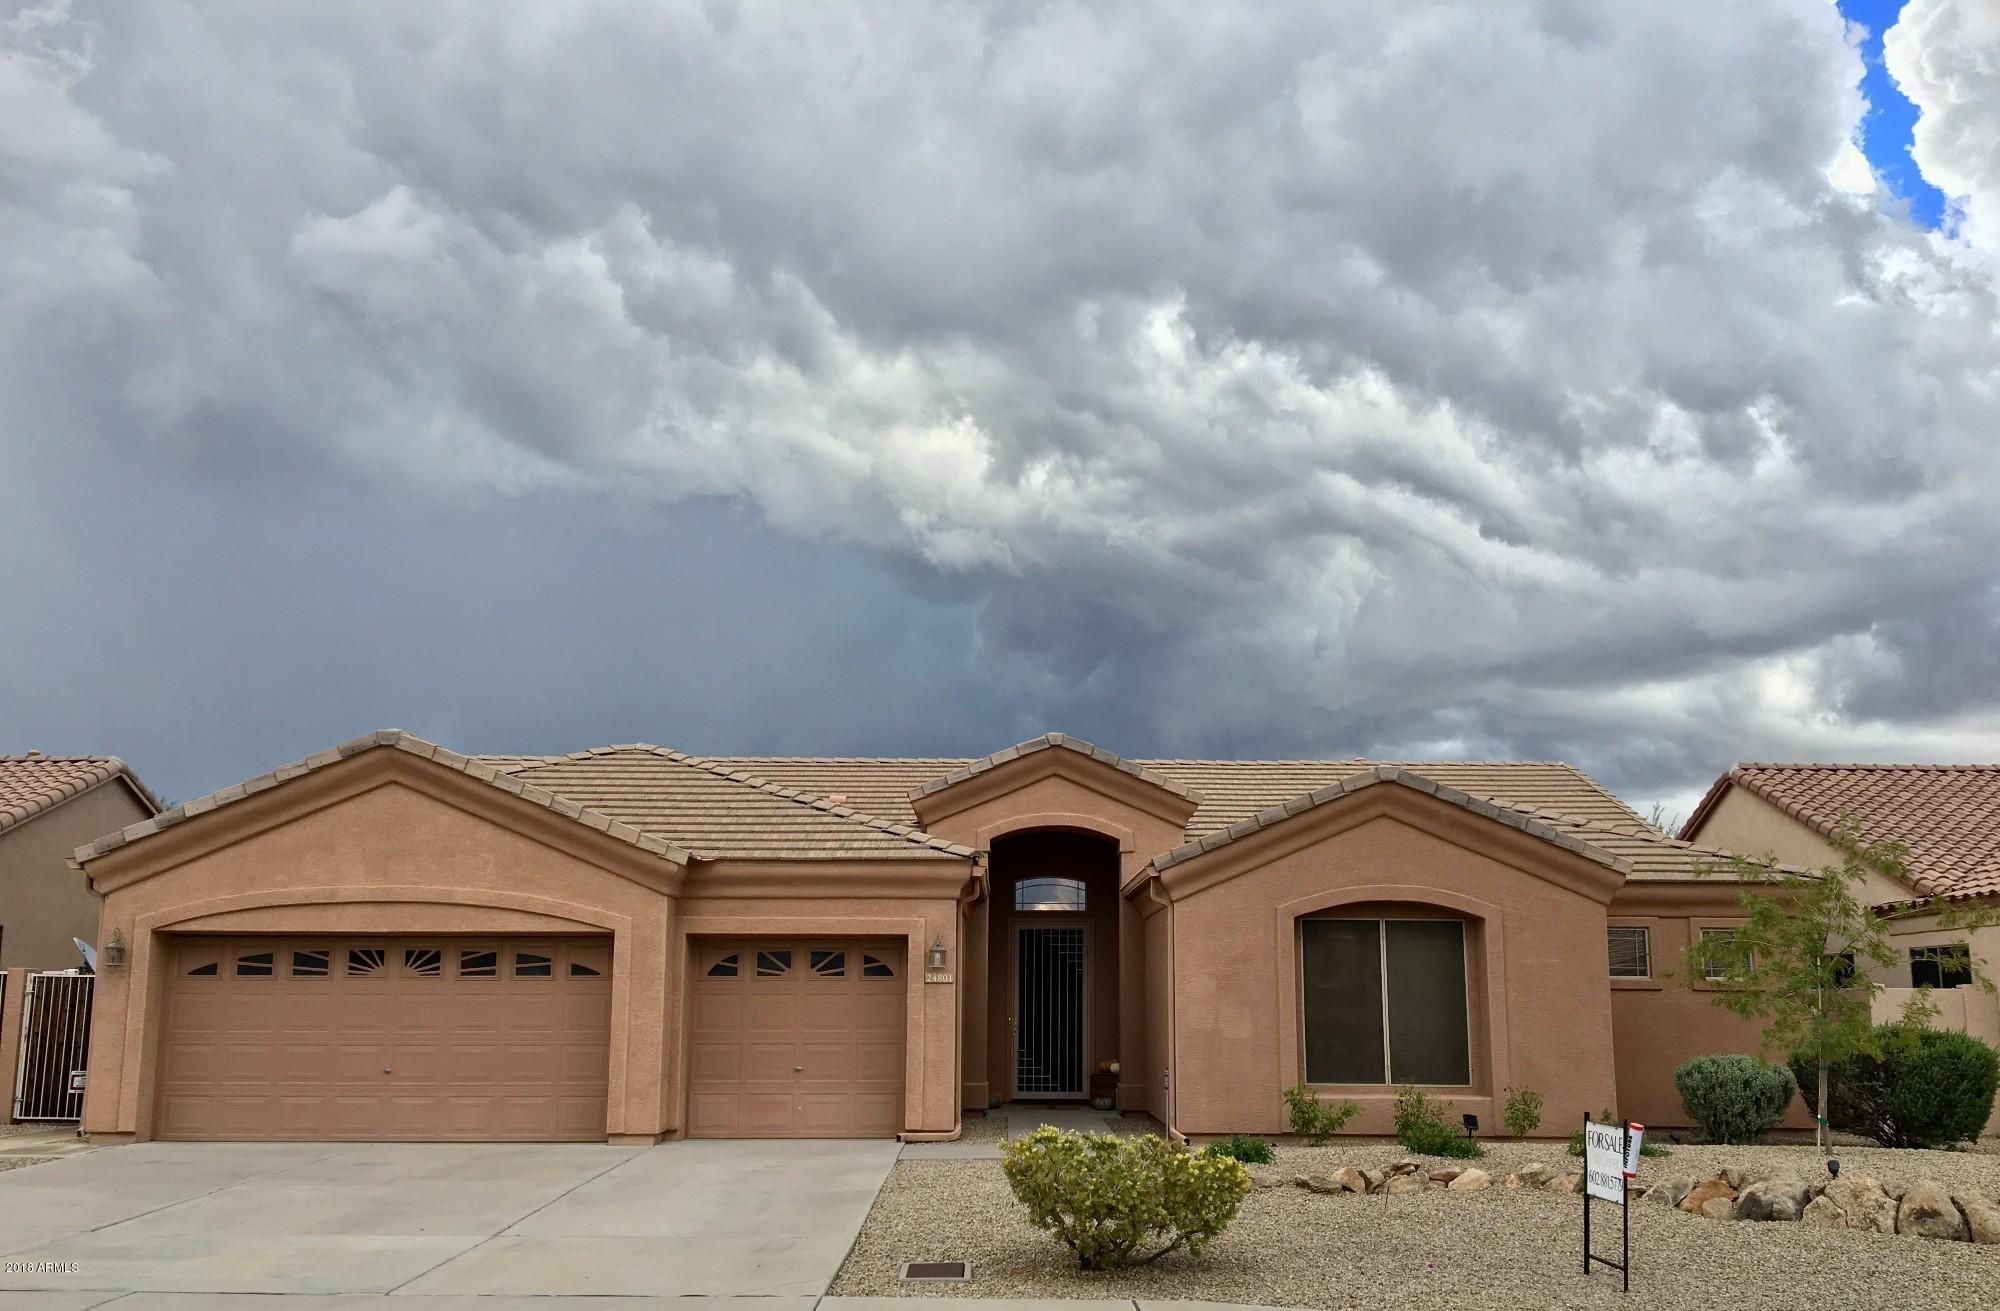 24801  N 45TH   Drive Glendale AZ 85310